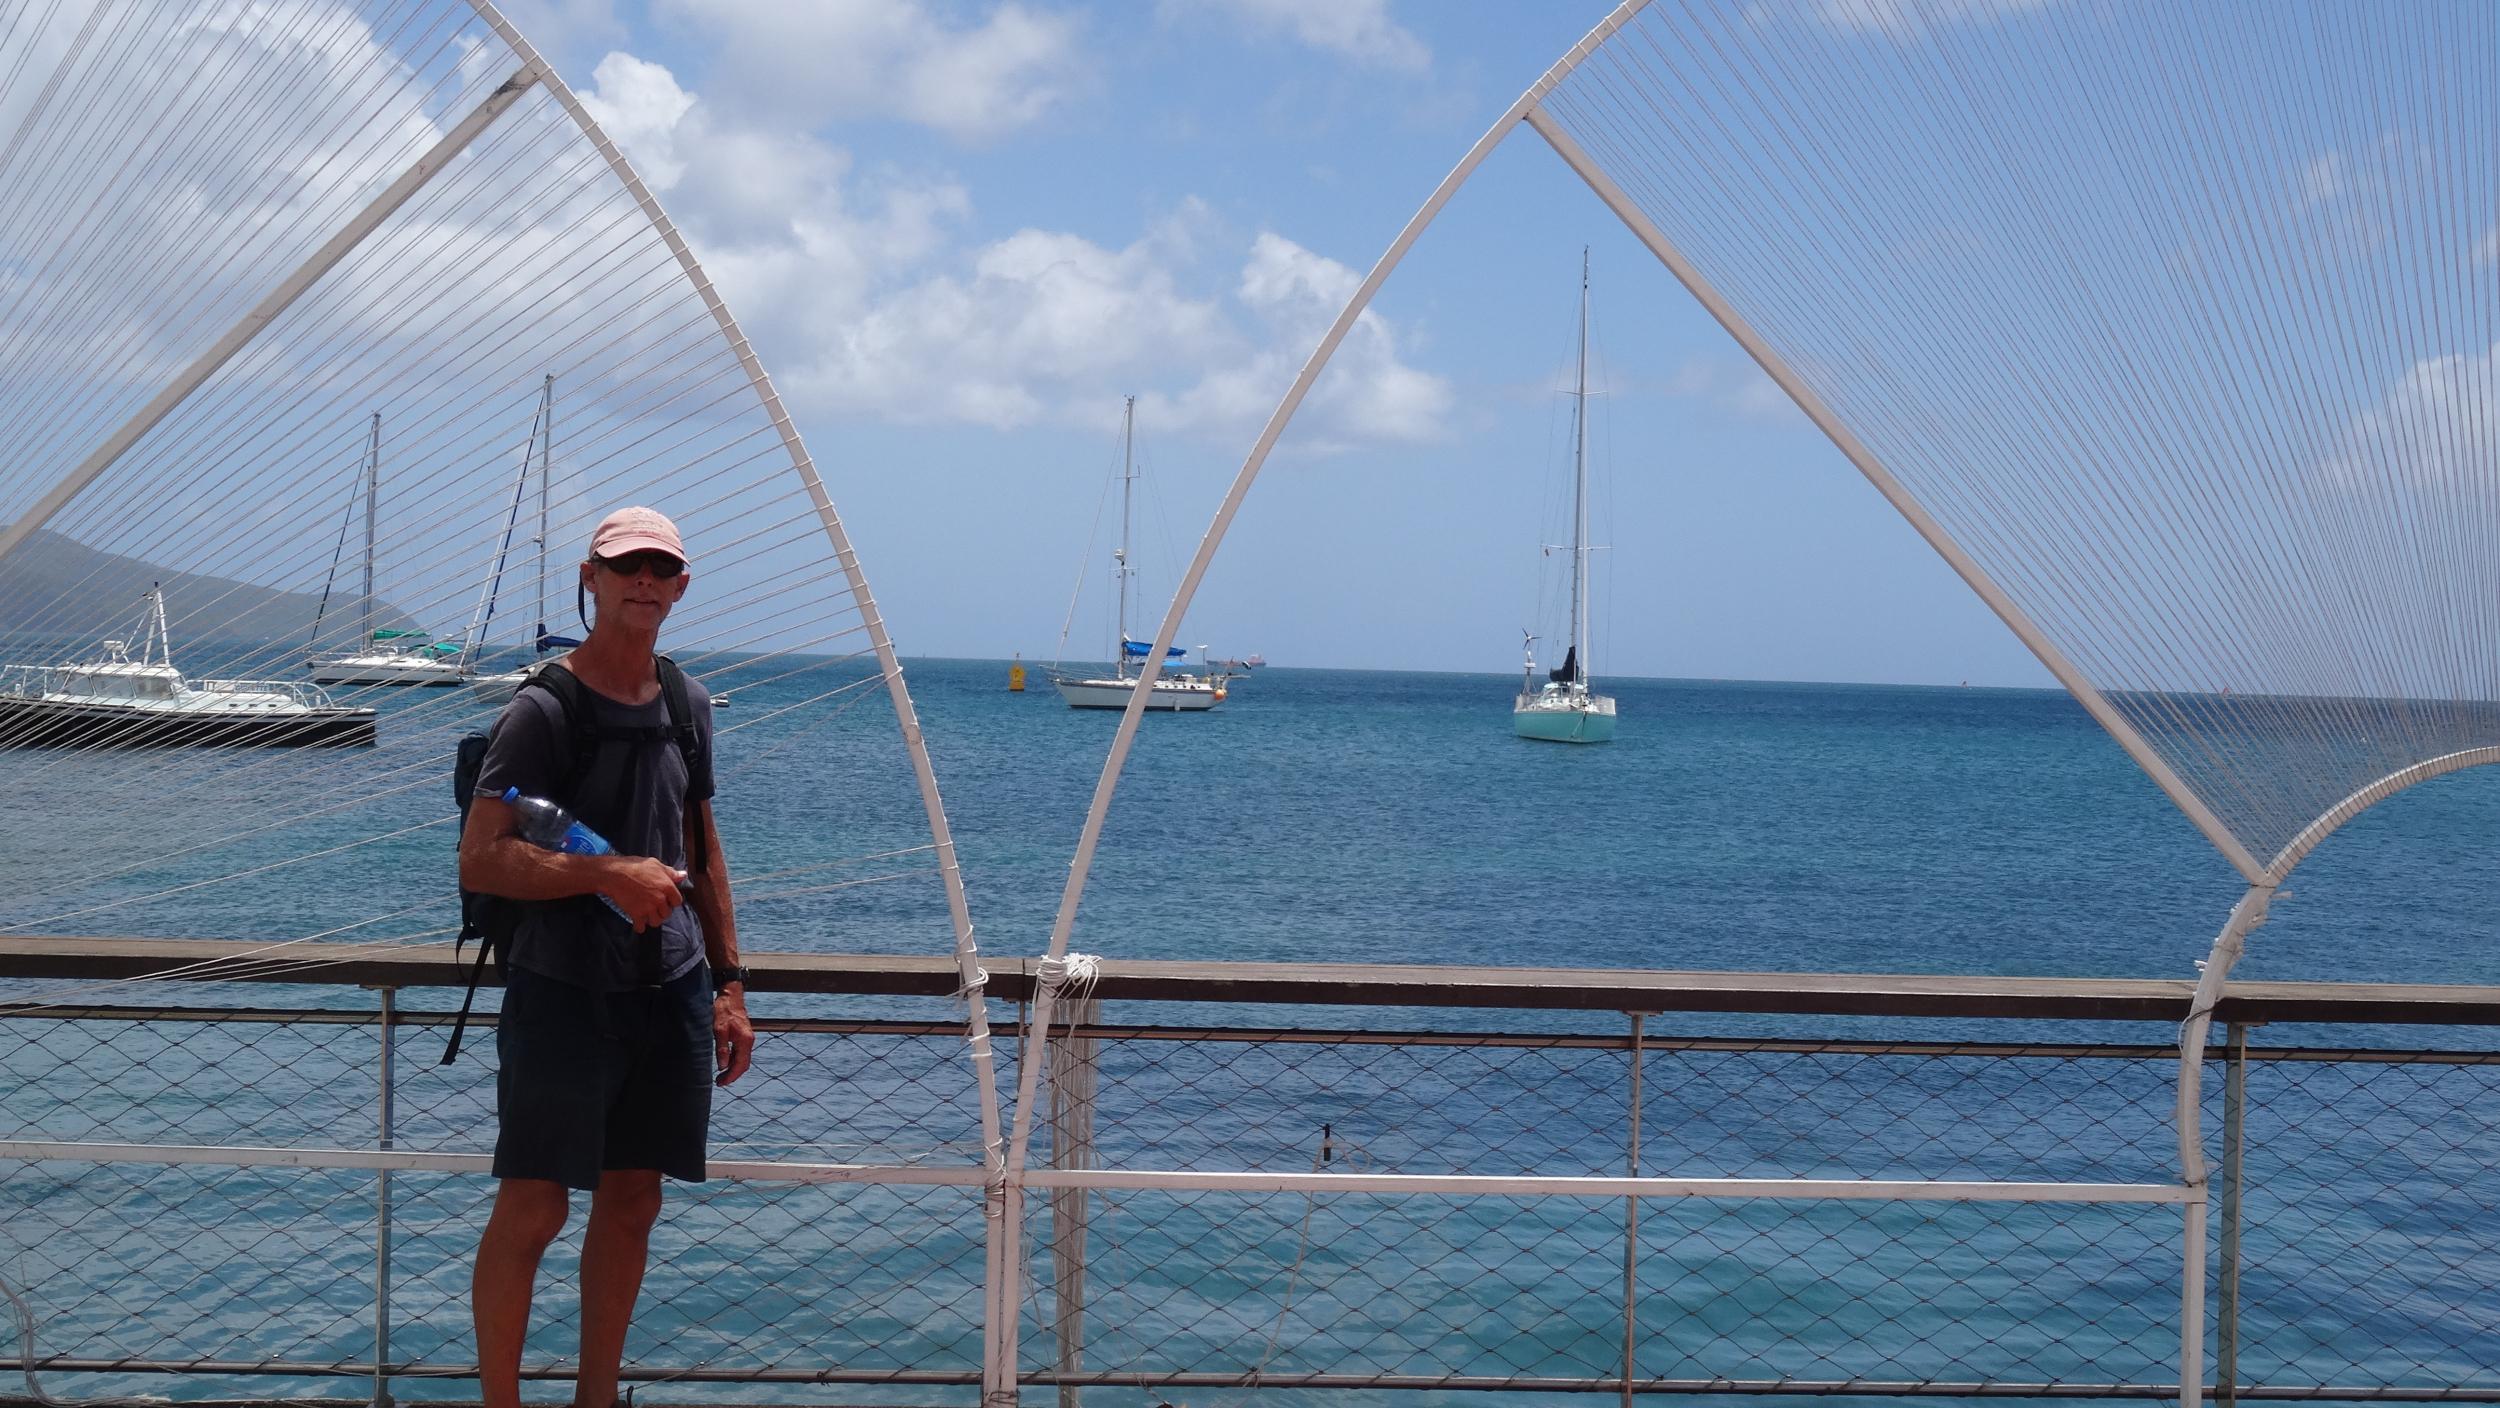 23. Waterfront, Port de France